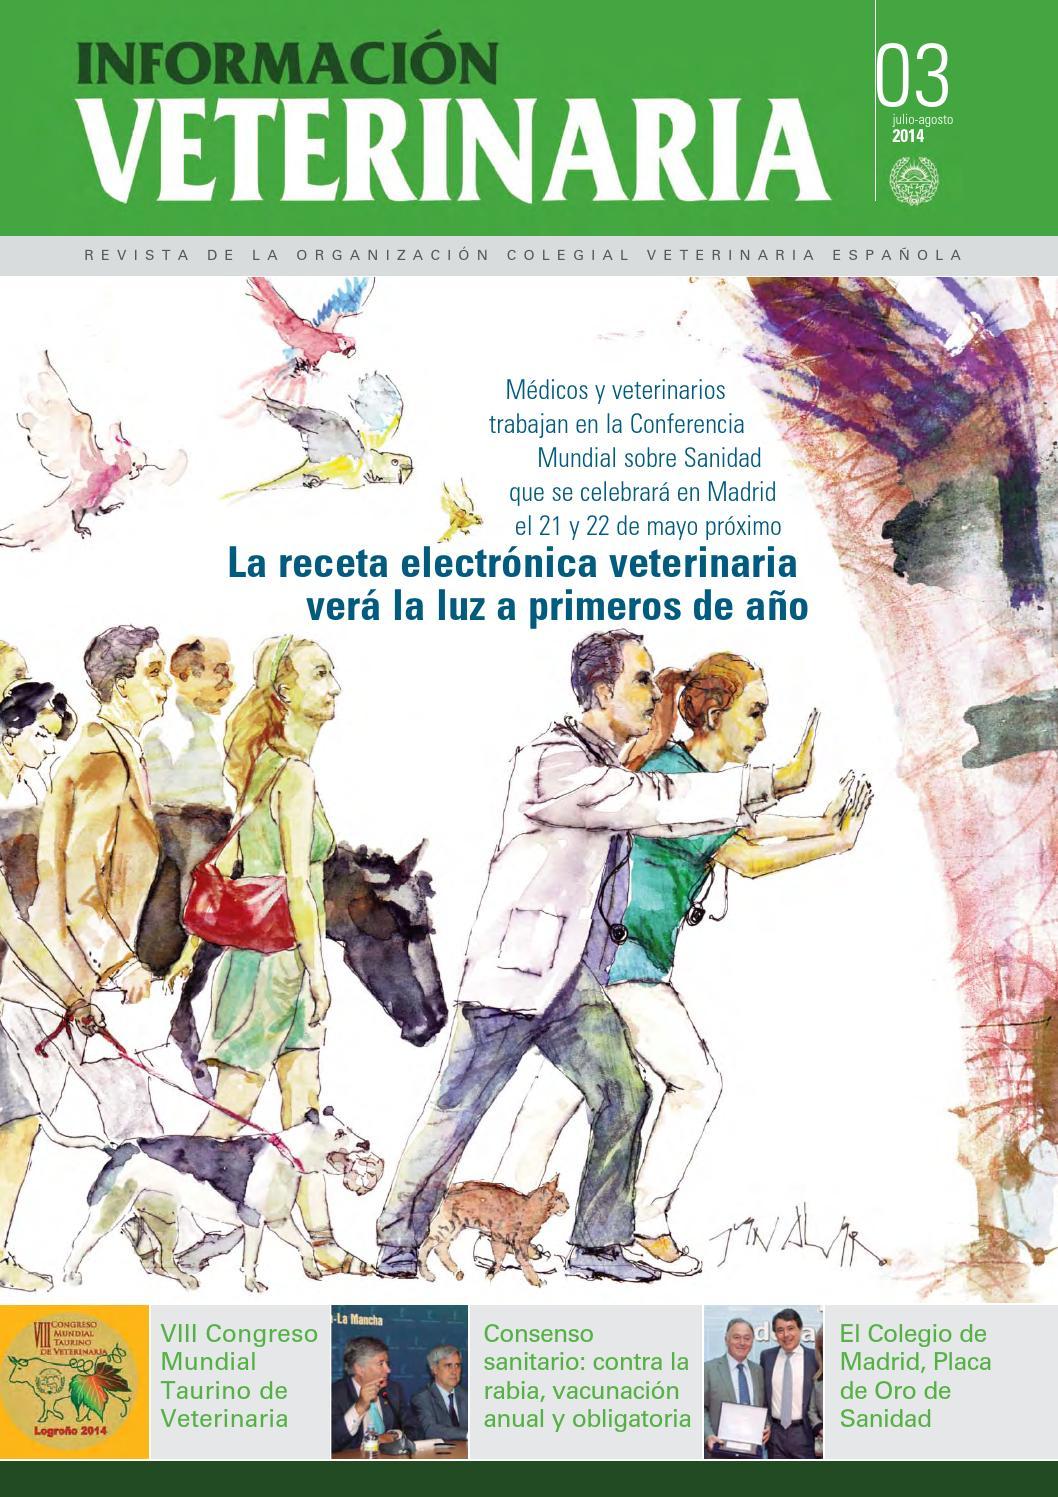 2014 03 informacion veterinaria julio 2014 copy1 by Colegio ...